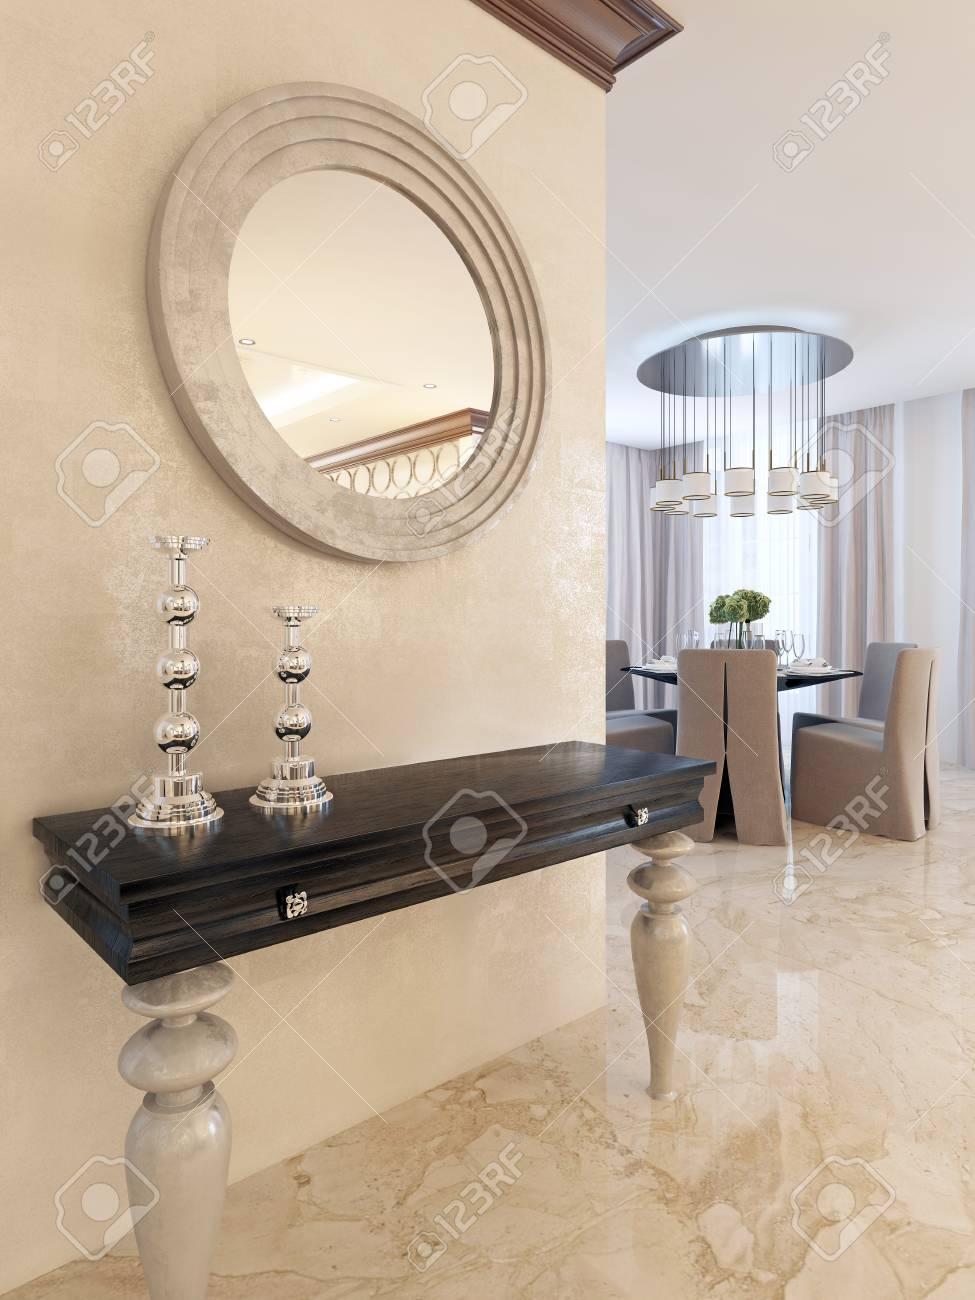 Consola con espejo en la pared en el comedor, en el estilo del Art Deco.  consola de diseño con encimera de color negro brillante y patas blancas. ...